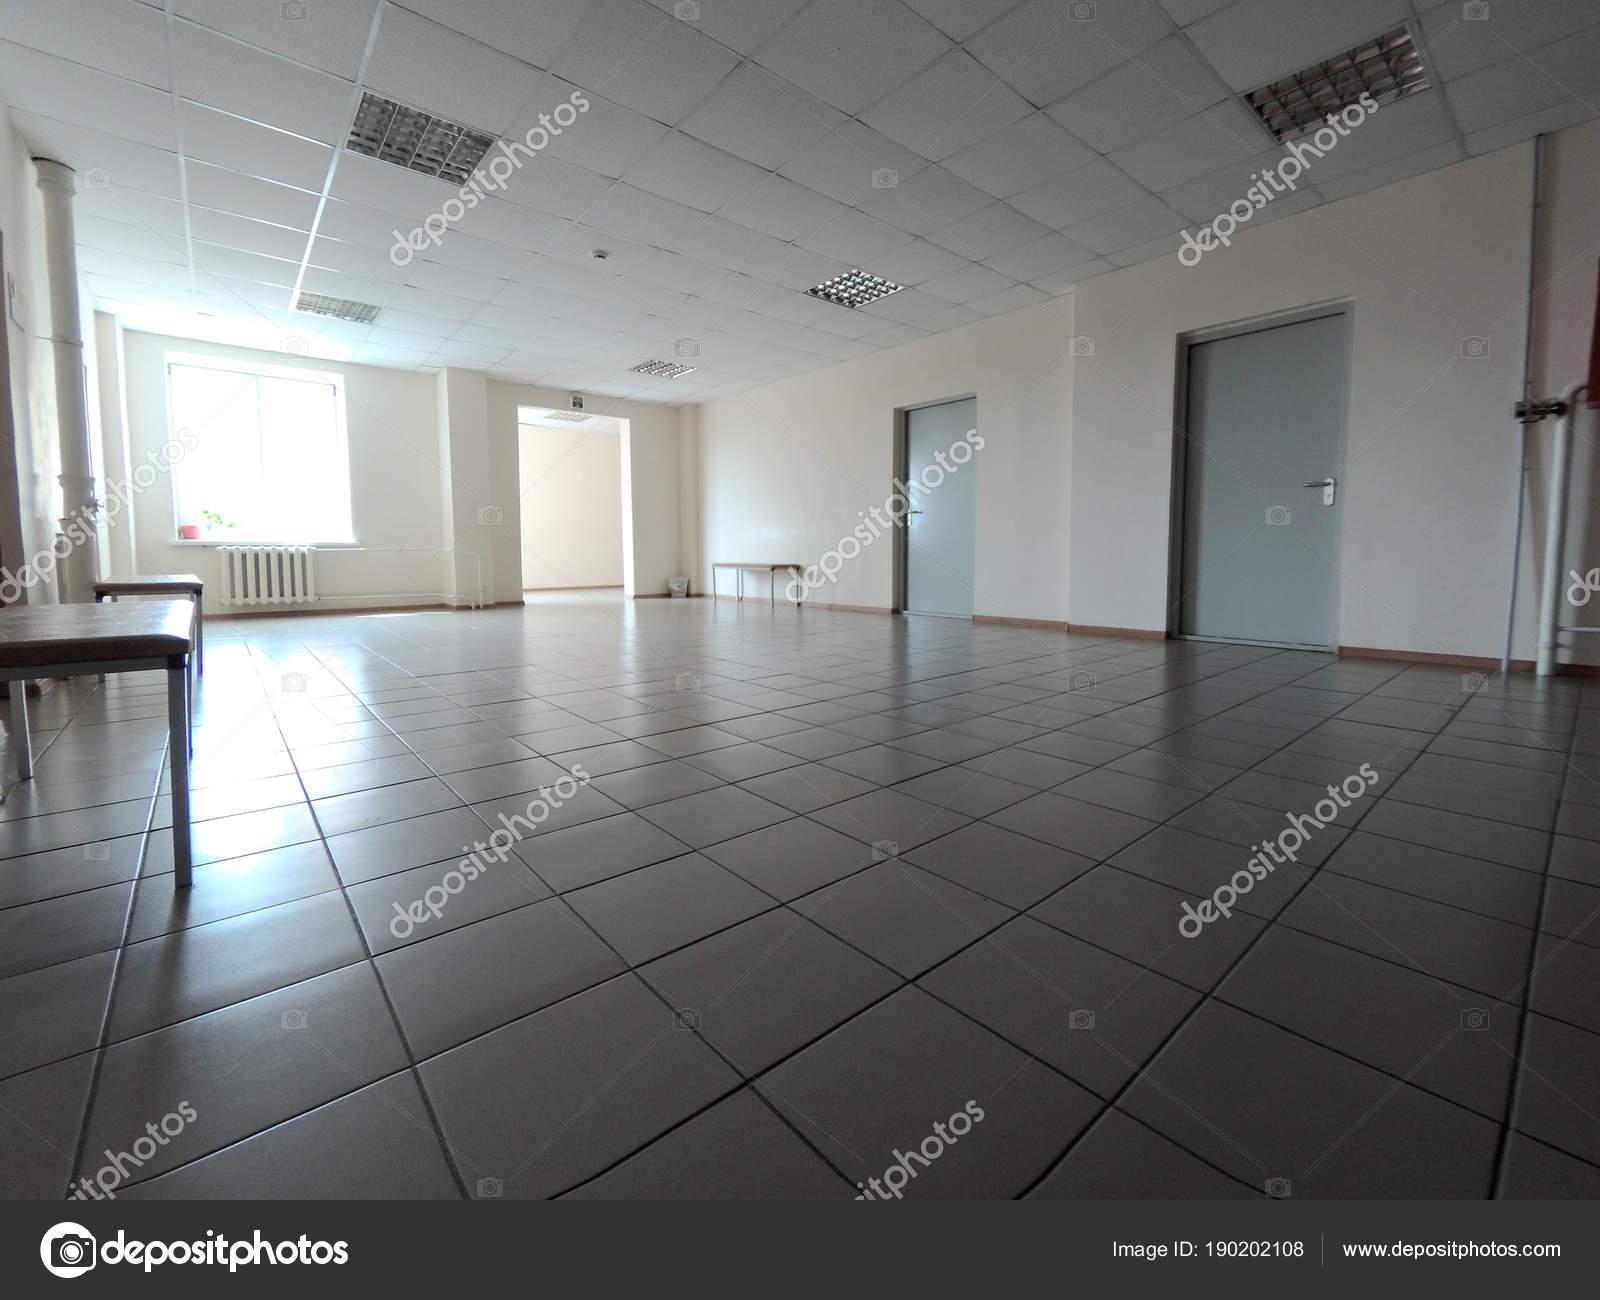 Tegels Over Tegels : Kantoorruimte met tegels op de vloer u stockfoto evpv